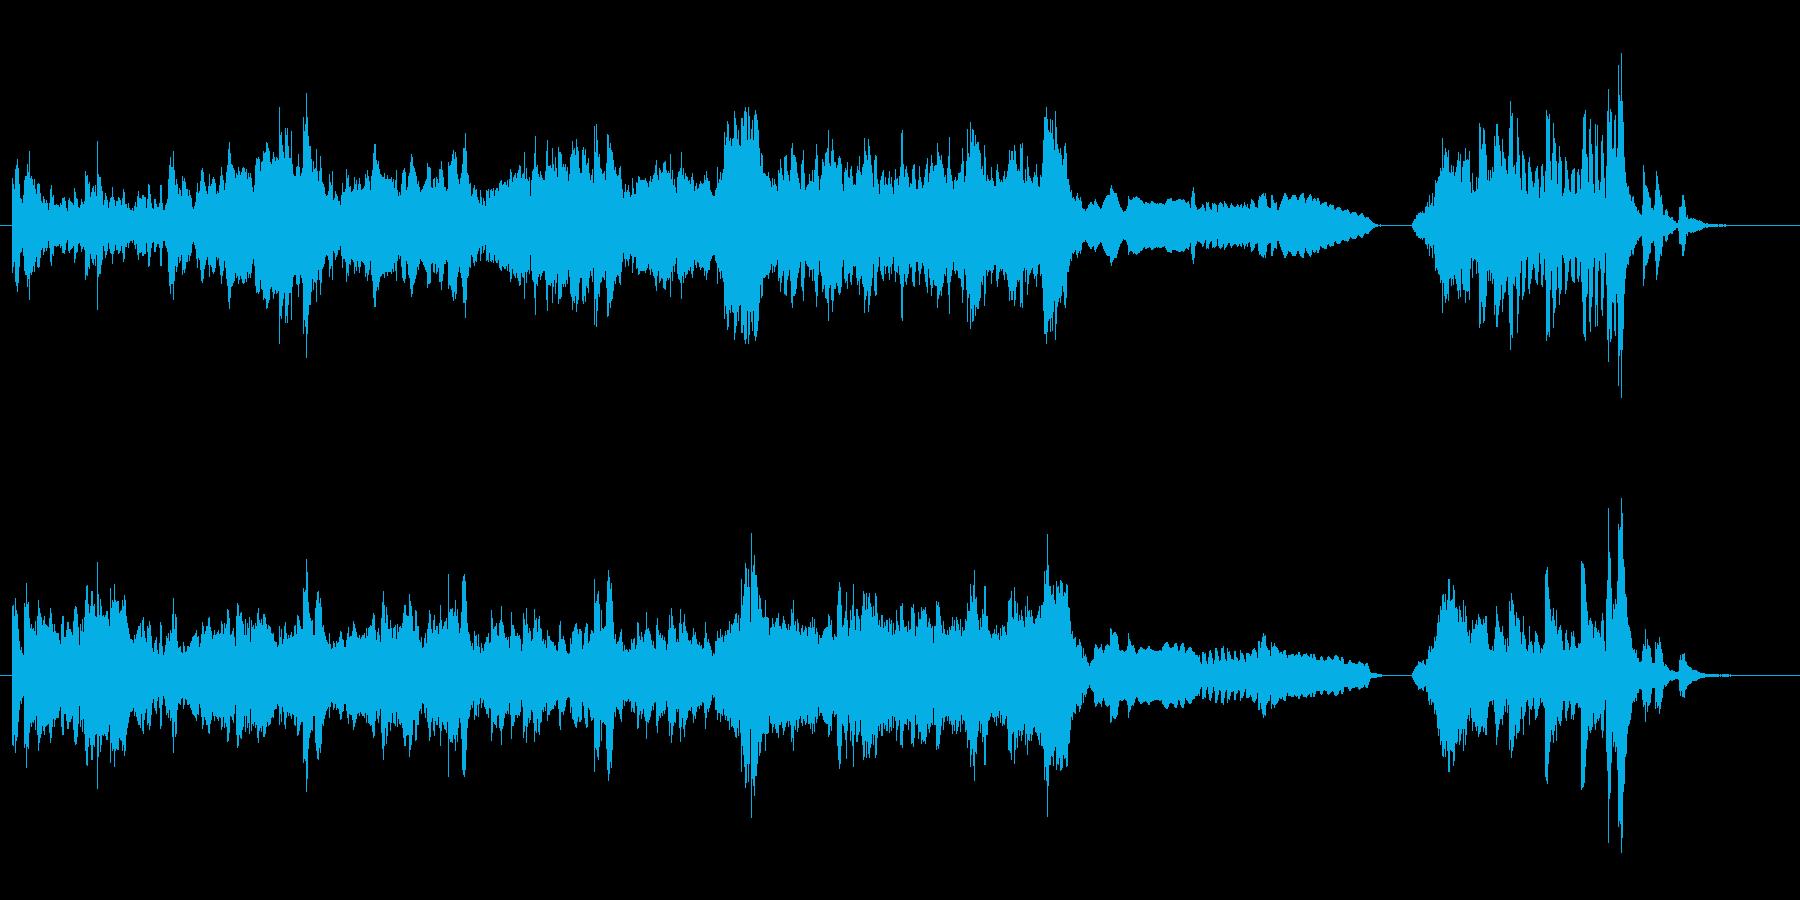 幻想的で不気味なオーケストラ の再生済みの波形